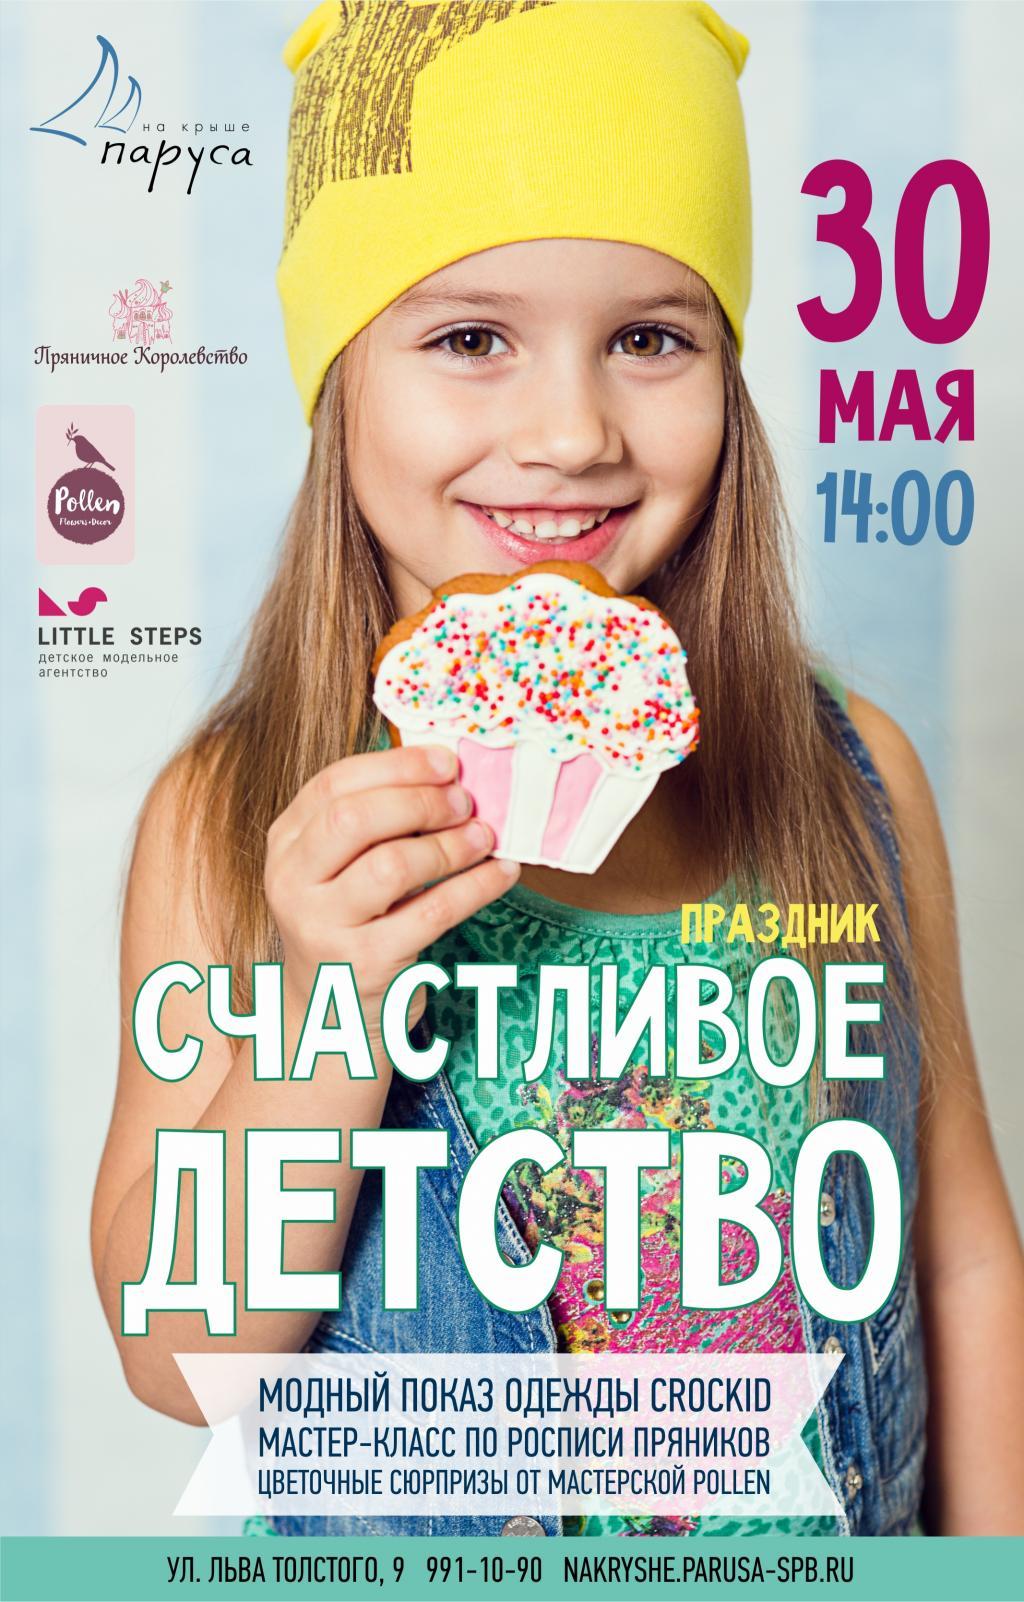 """30 мая праздник """"Счастливое детство"""" в """"Парусах на крыше"""""""